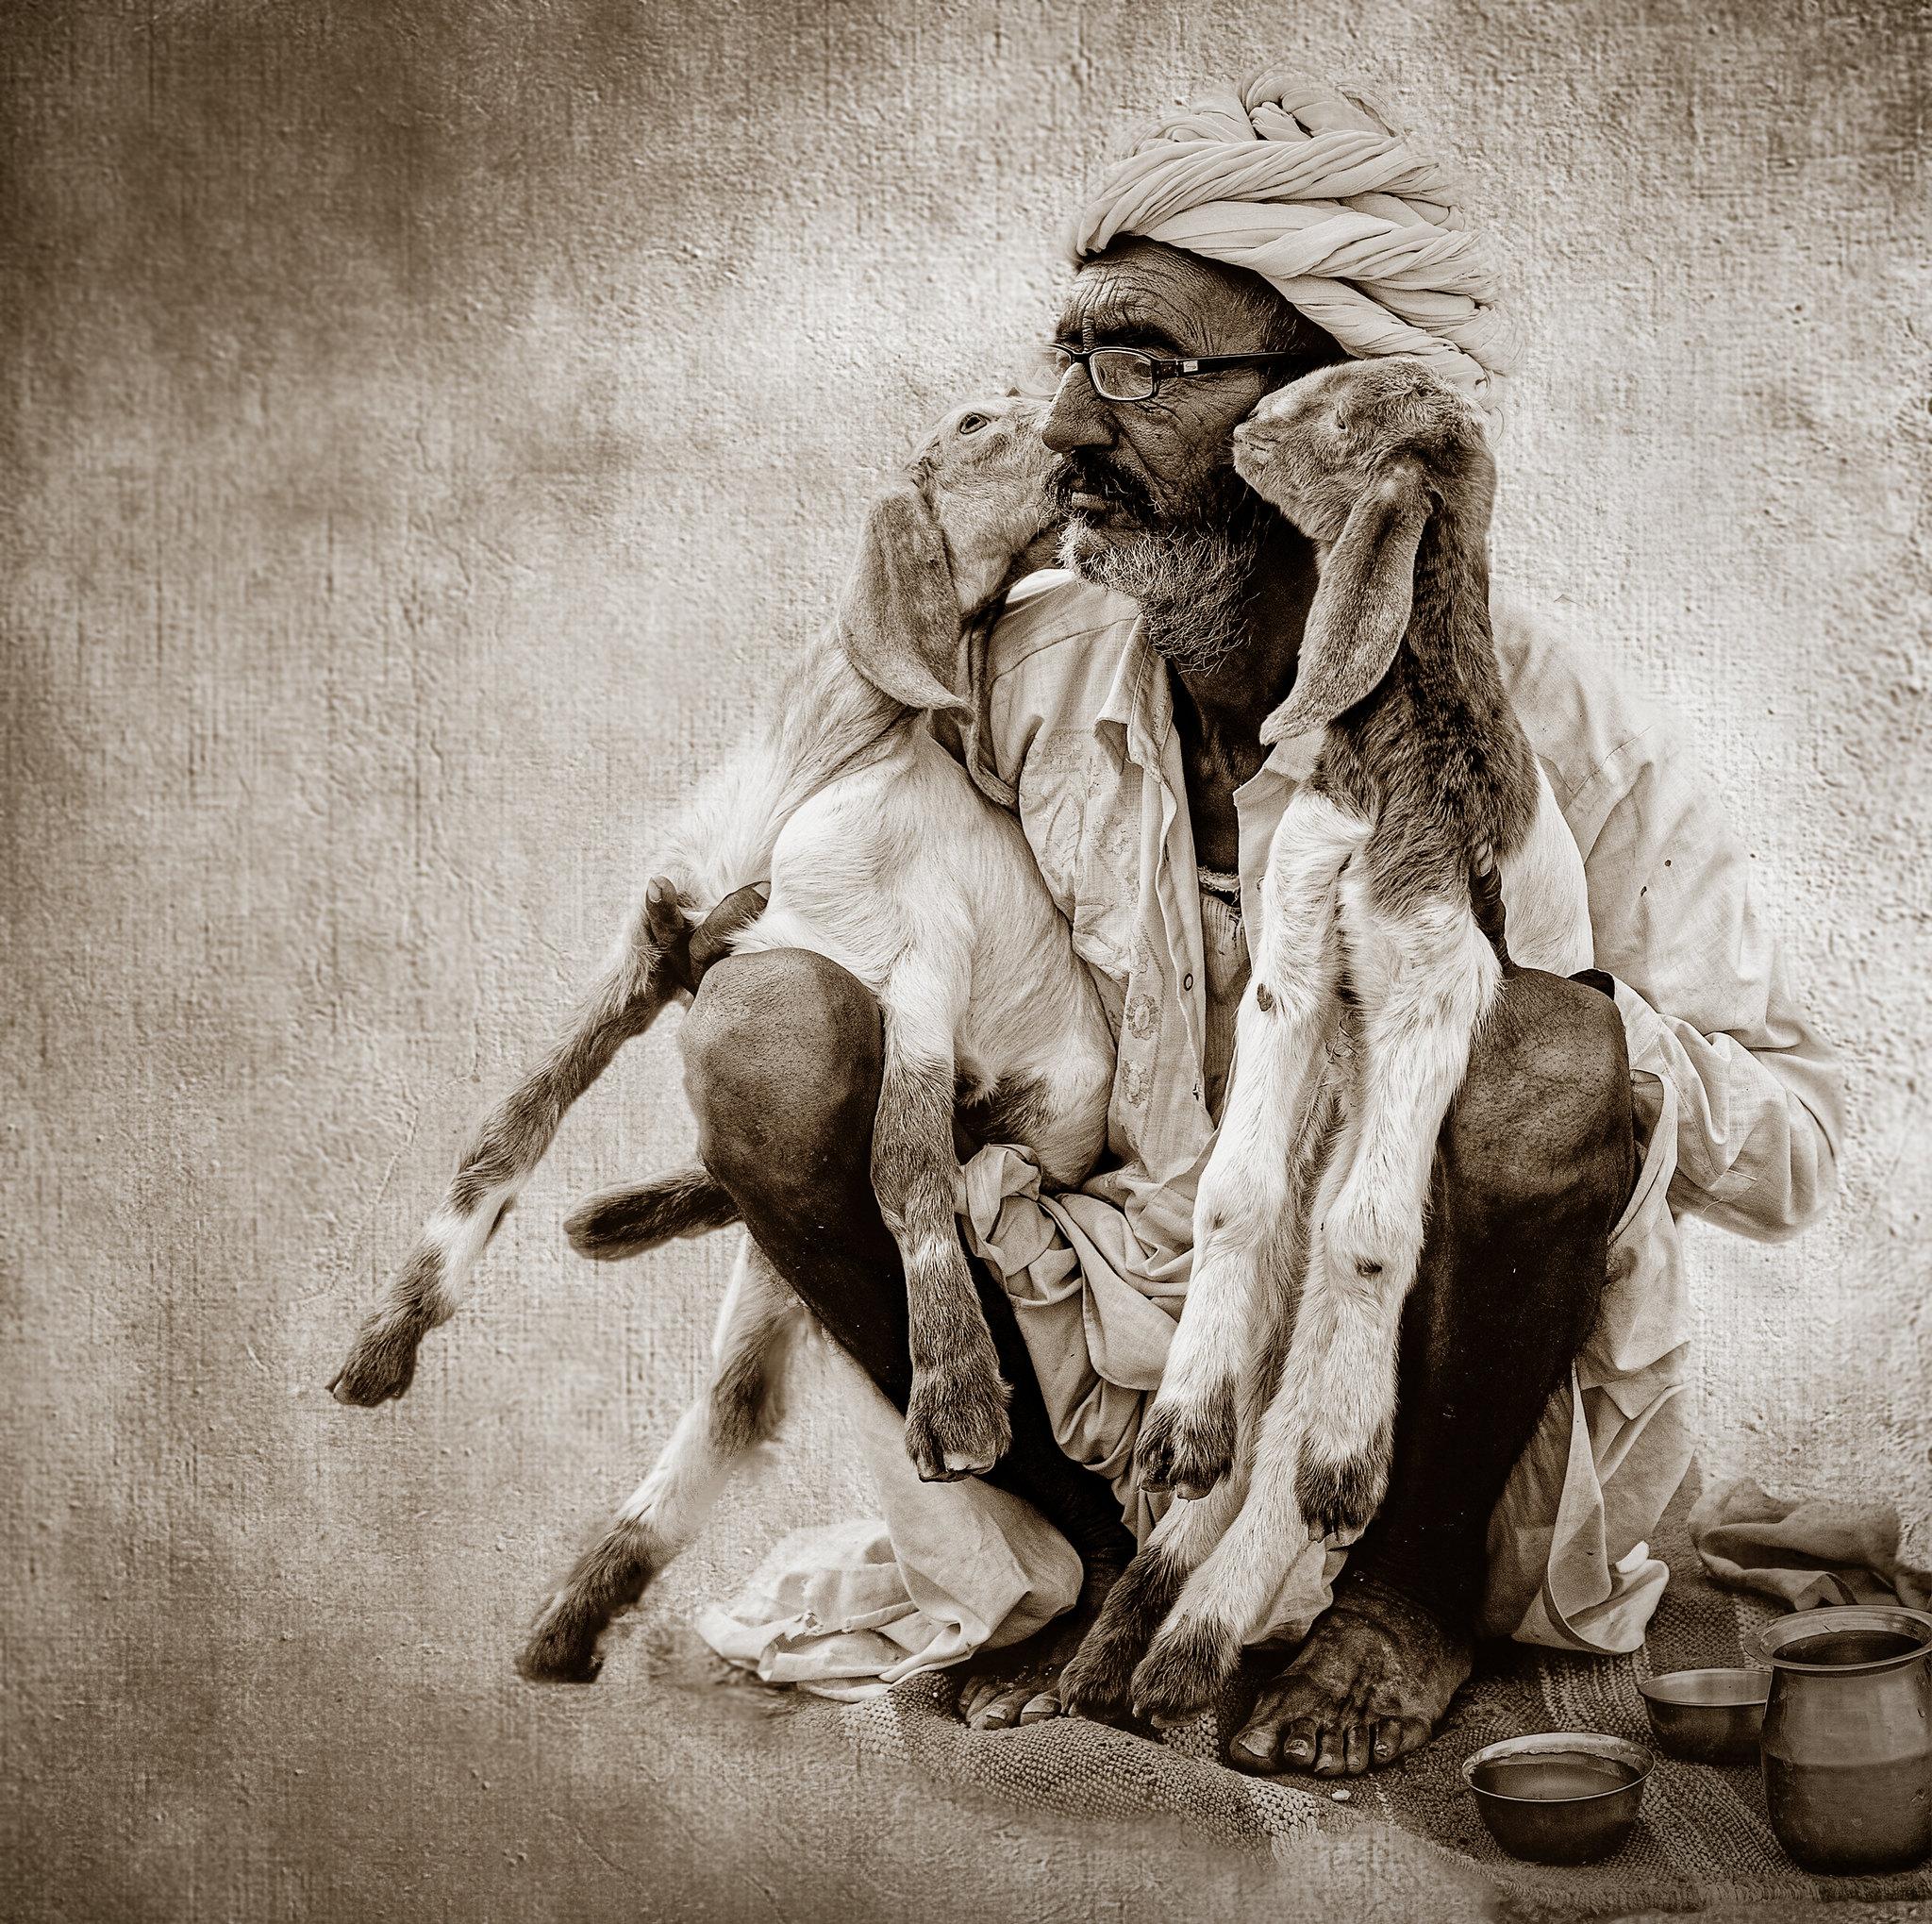 Goatees by Jeff Lipshitz